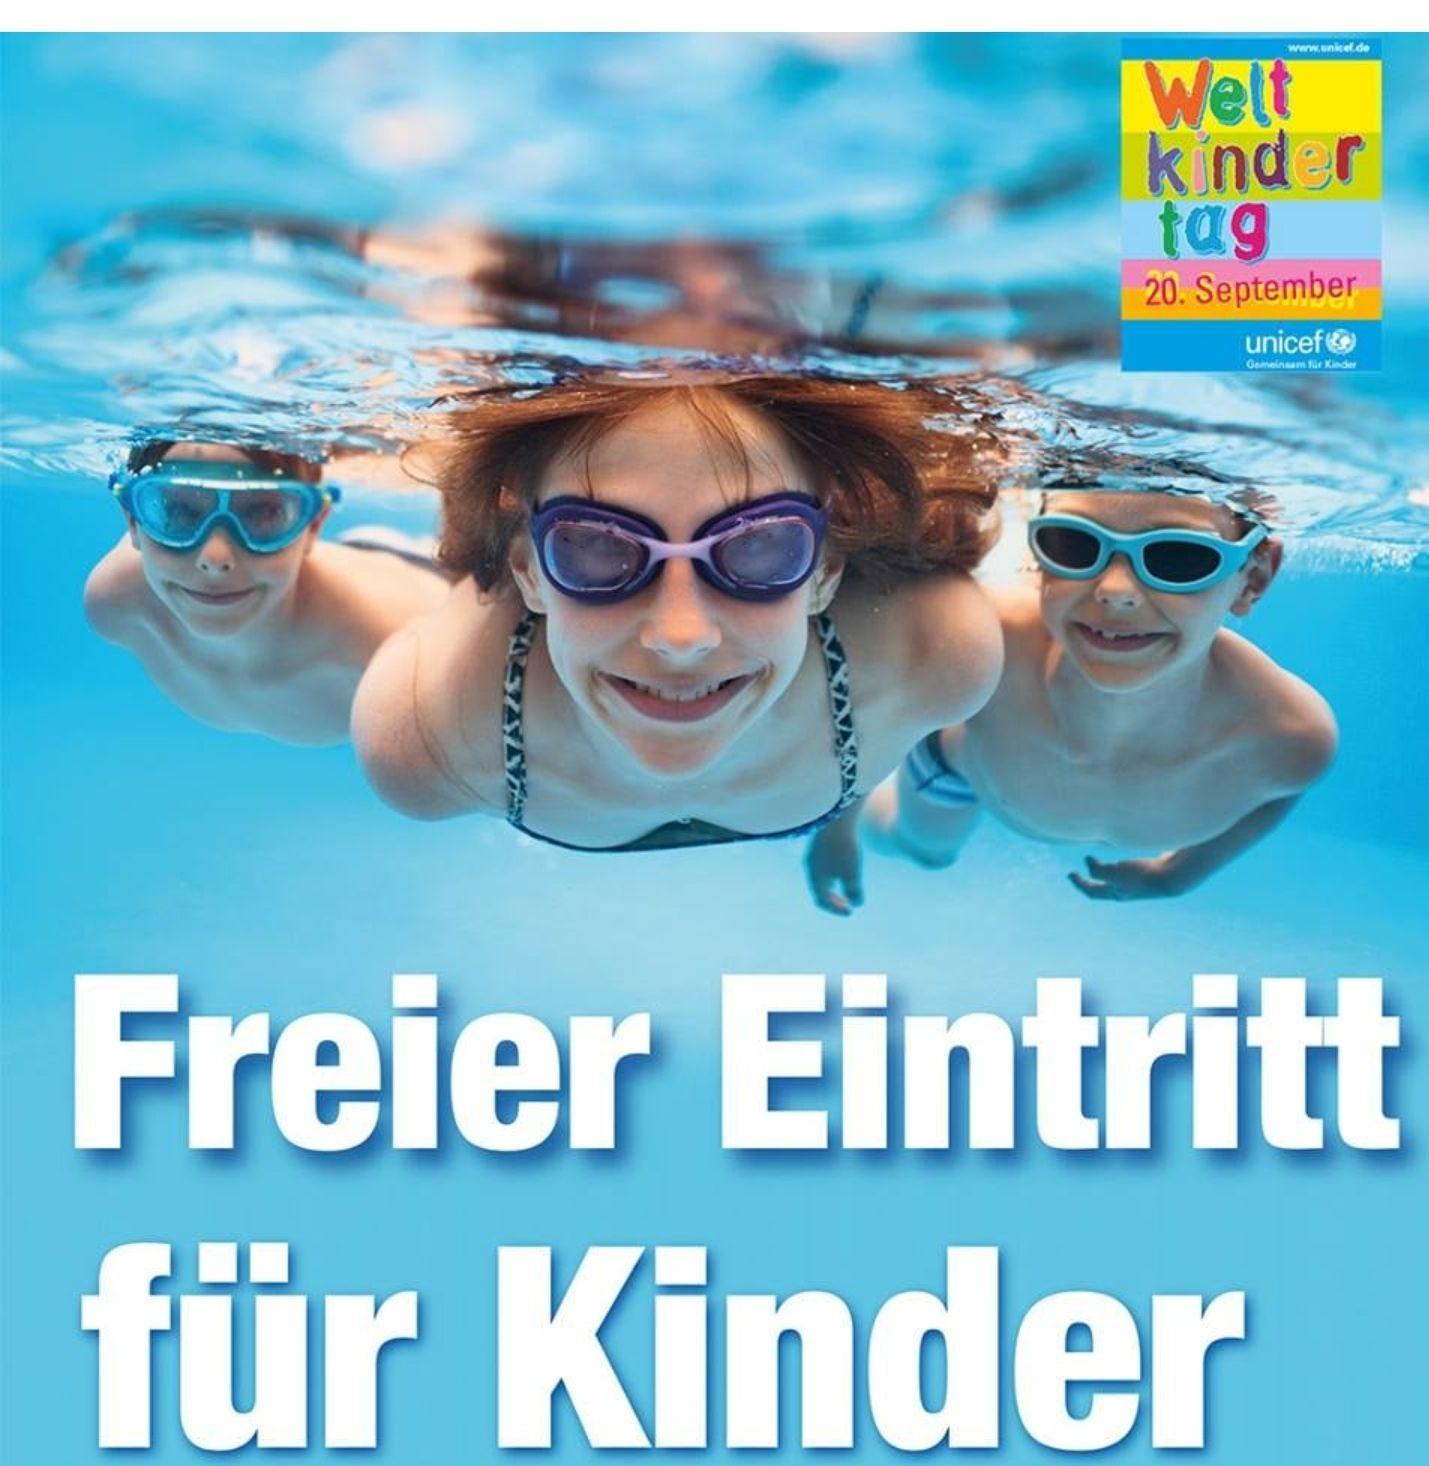 Monte Mare - freier Eintritt für Kinder (nur noch bis 15.10.19)